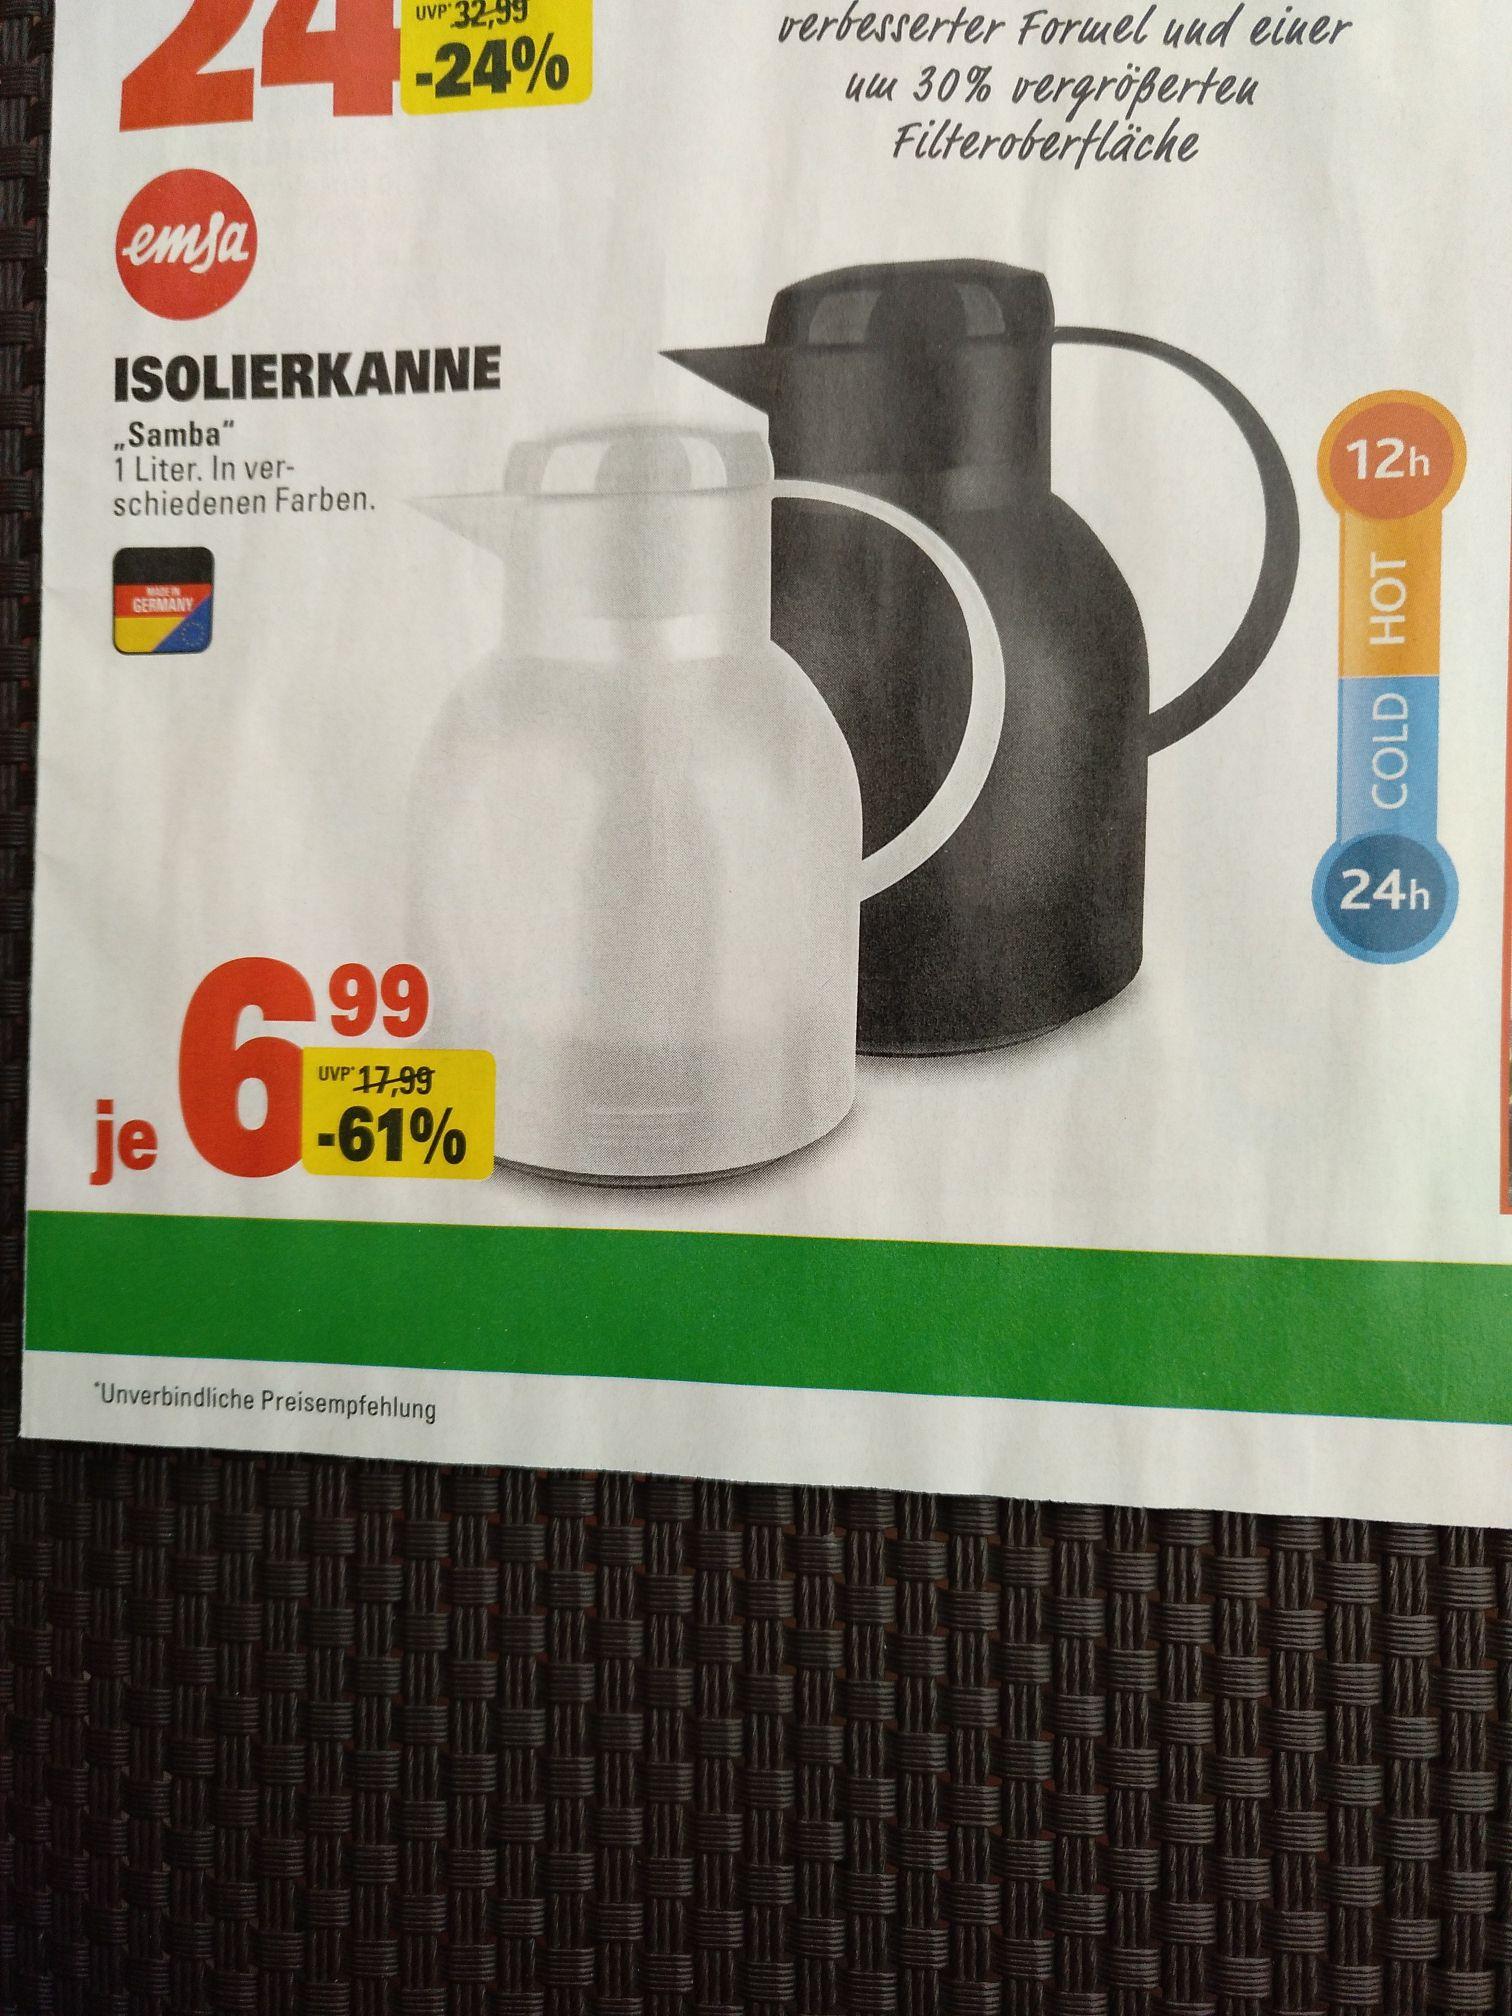 [Lokal?] Marktkauf Johanneskirchen. Emsa Isolierkanne Samba verschiedene Farben.